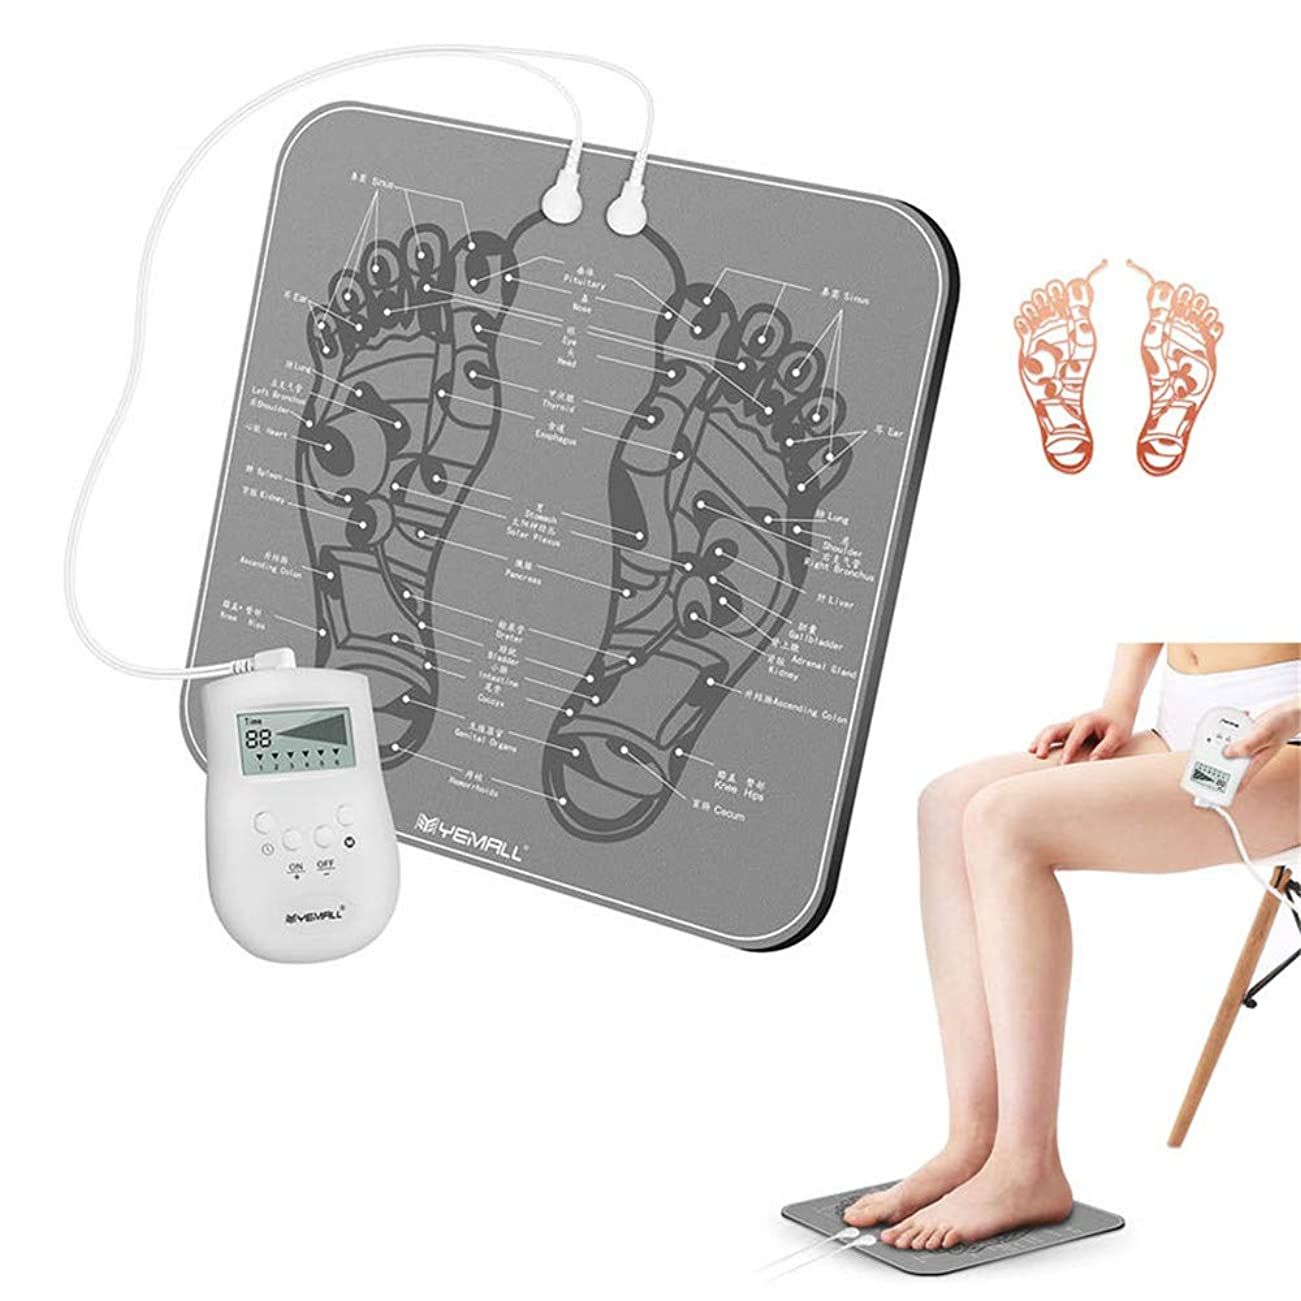 申請中折スタウト充電式EMSインテリジェントフットマッサージ機折り畳み式のリモートコントロール足の筋肉刺激は、血液循環を促進します,銀